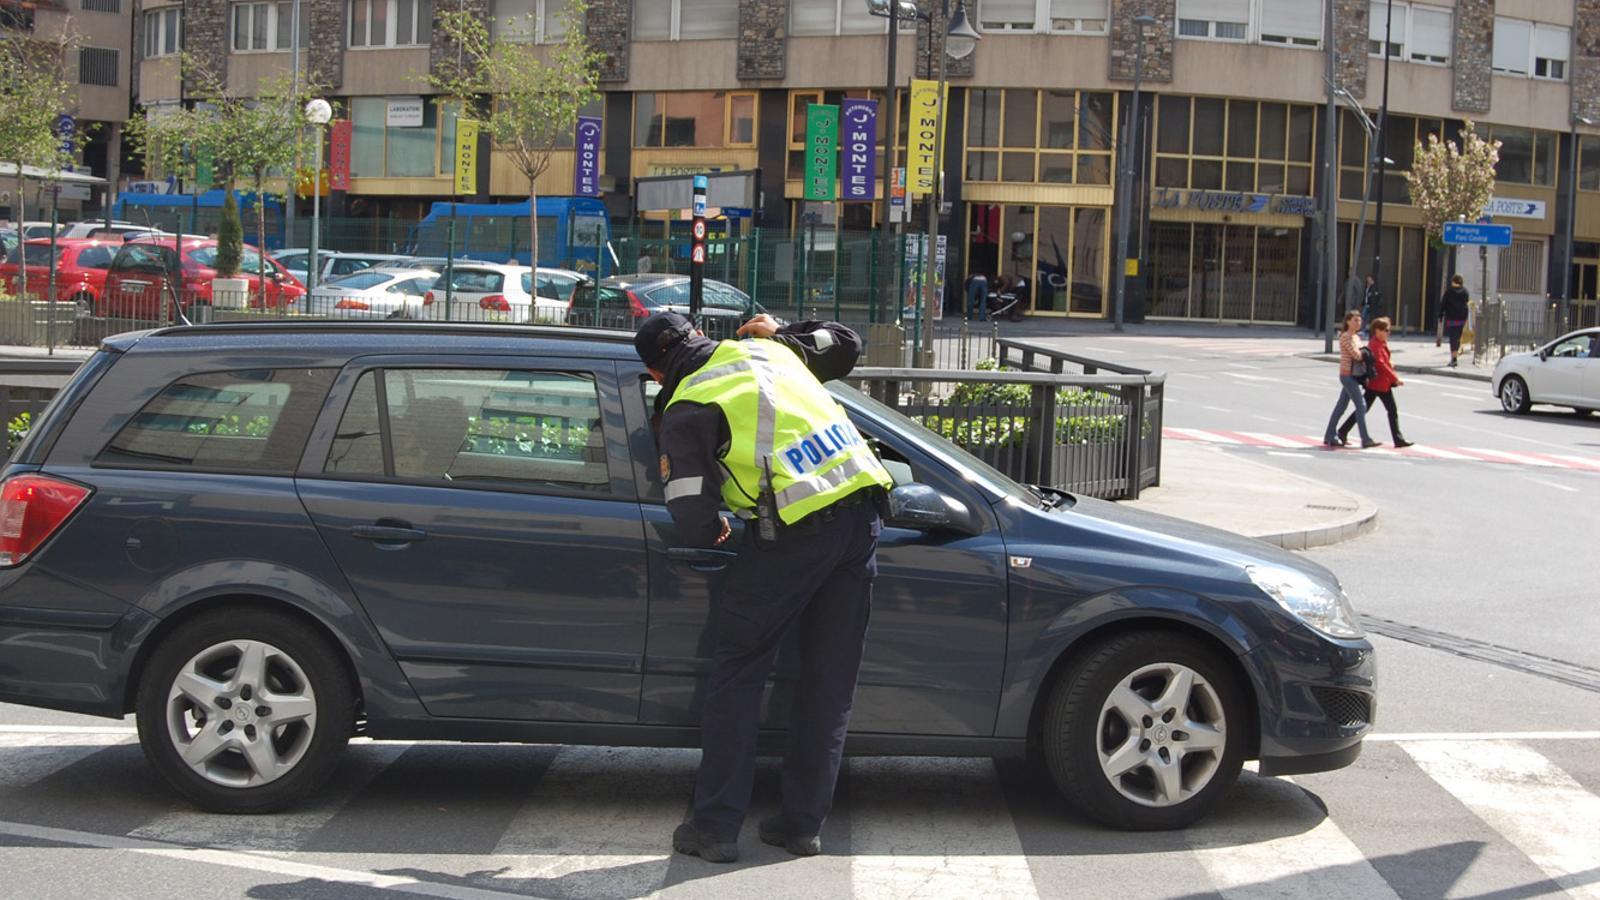 Un agent de policia parla amb el conductor d'un vehicle. / ARXIU ANA